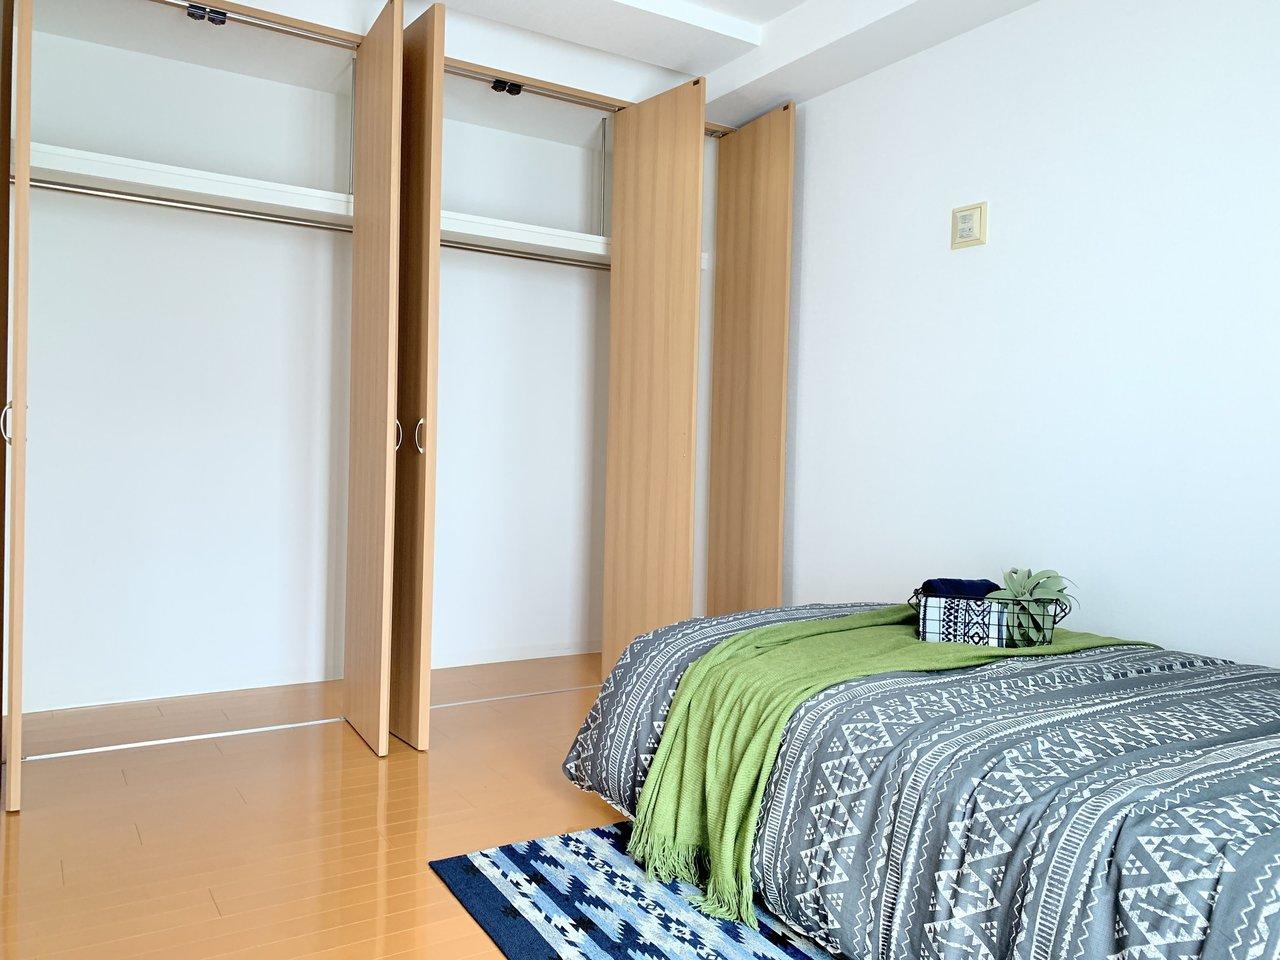 大きな収納のある寝室が2つ、さらに6畳もの納戸がついているので、お部屋の片付けも捗ります。